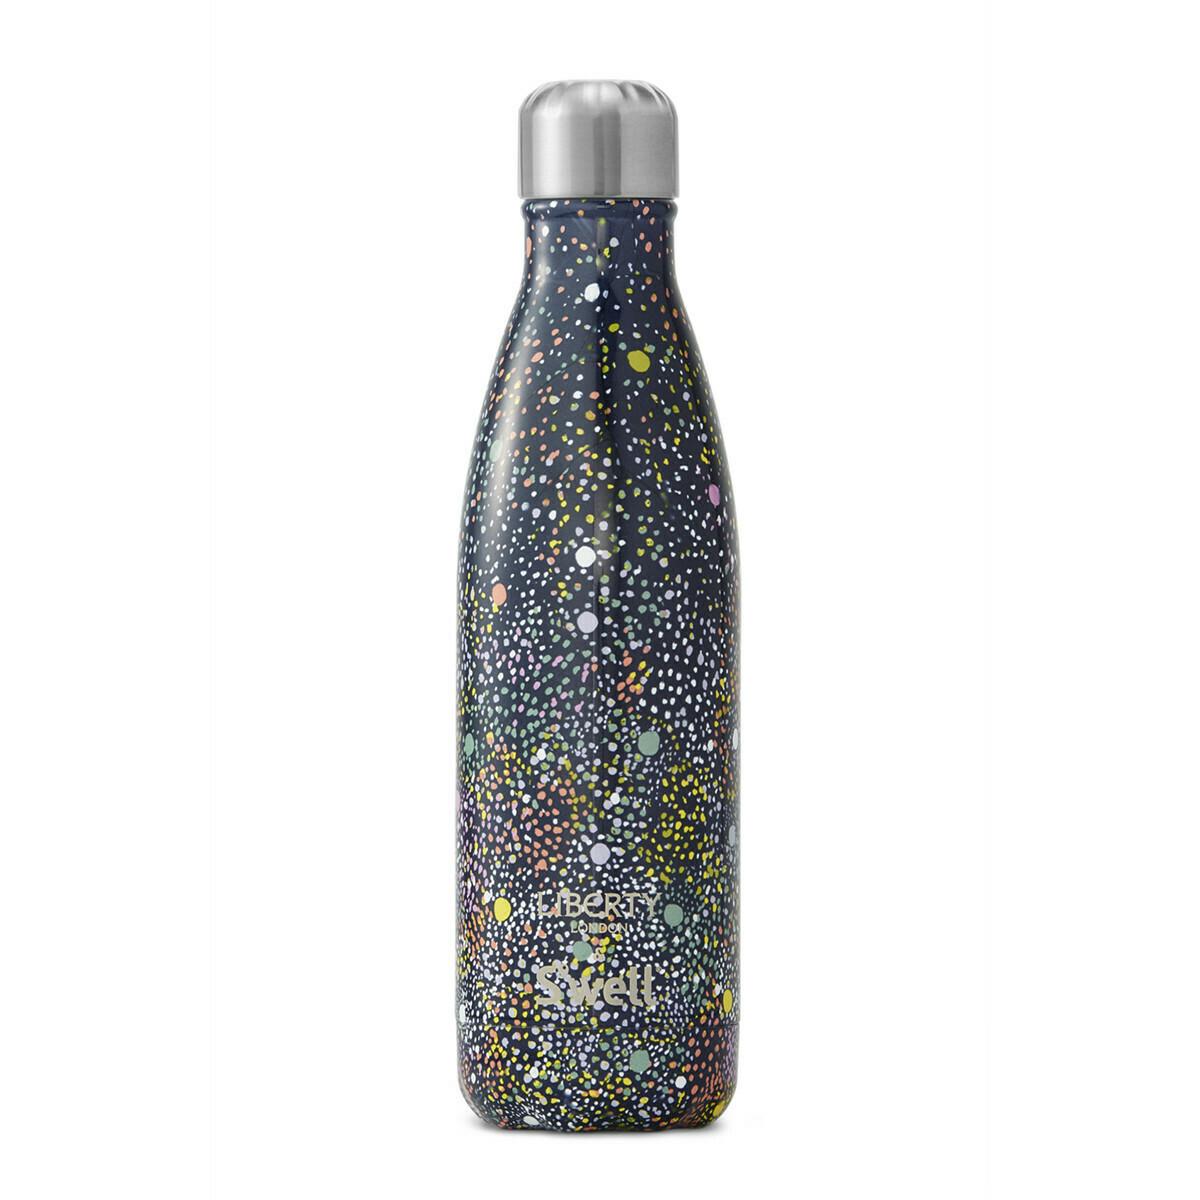 Stainless Steel Bottle - Liberty - Polka Dot Degrade